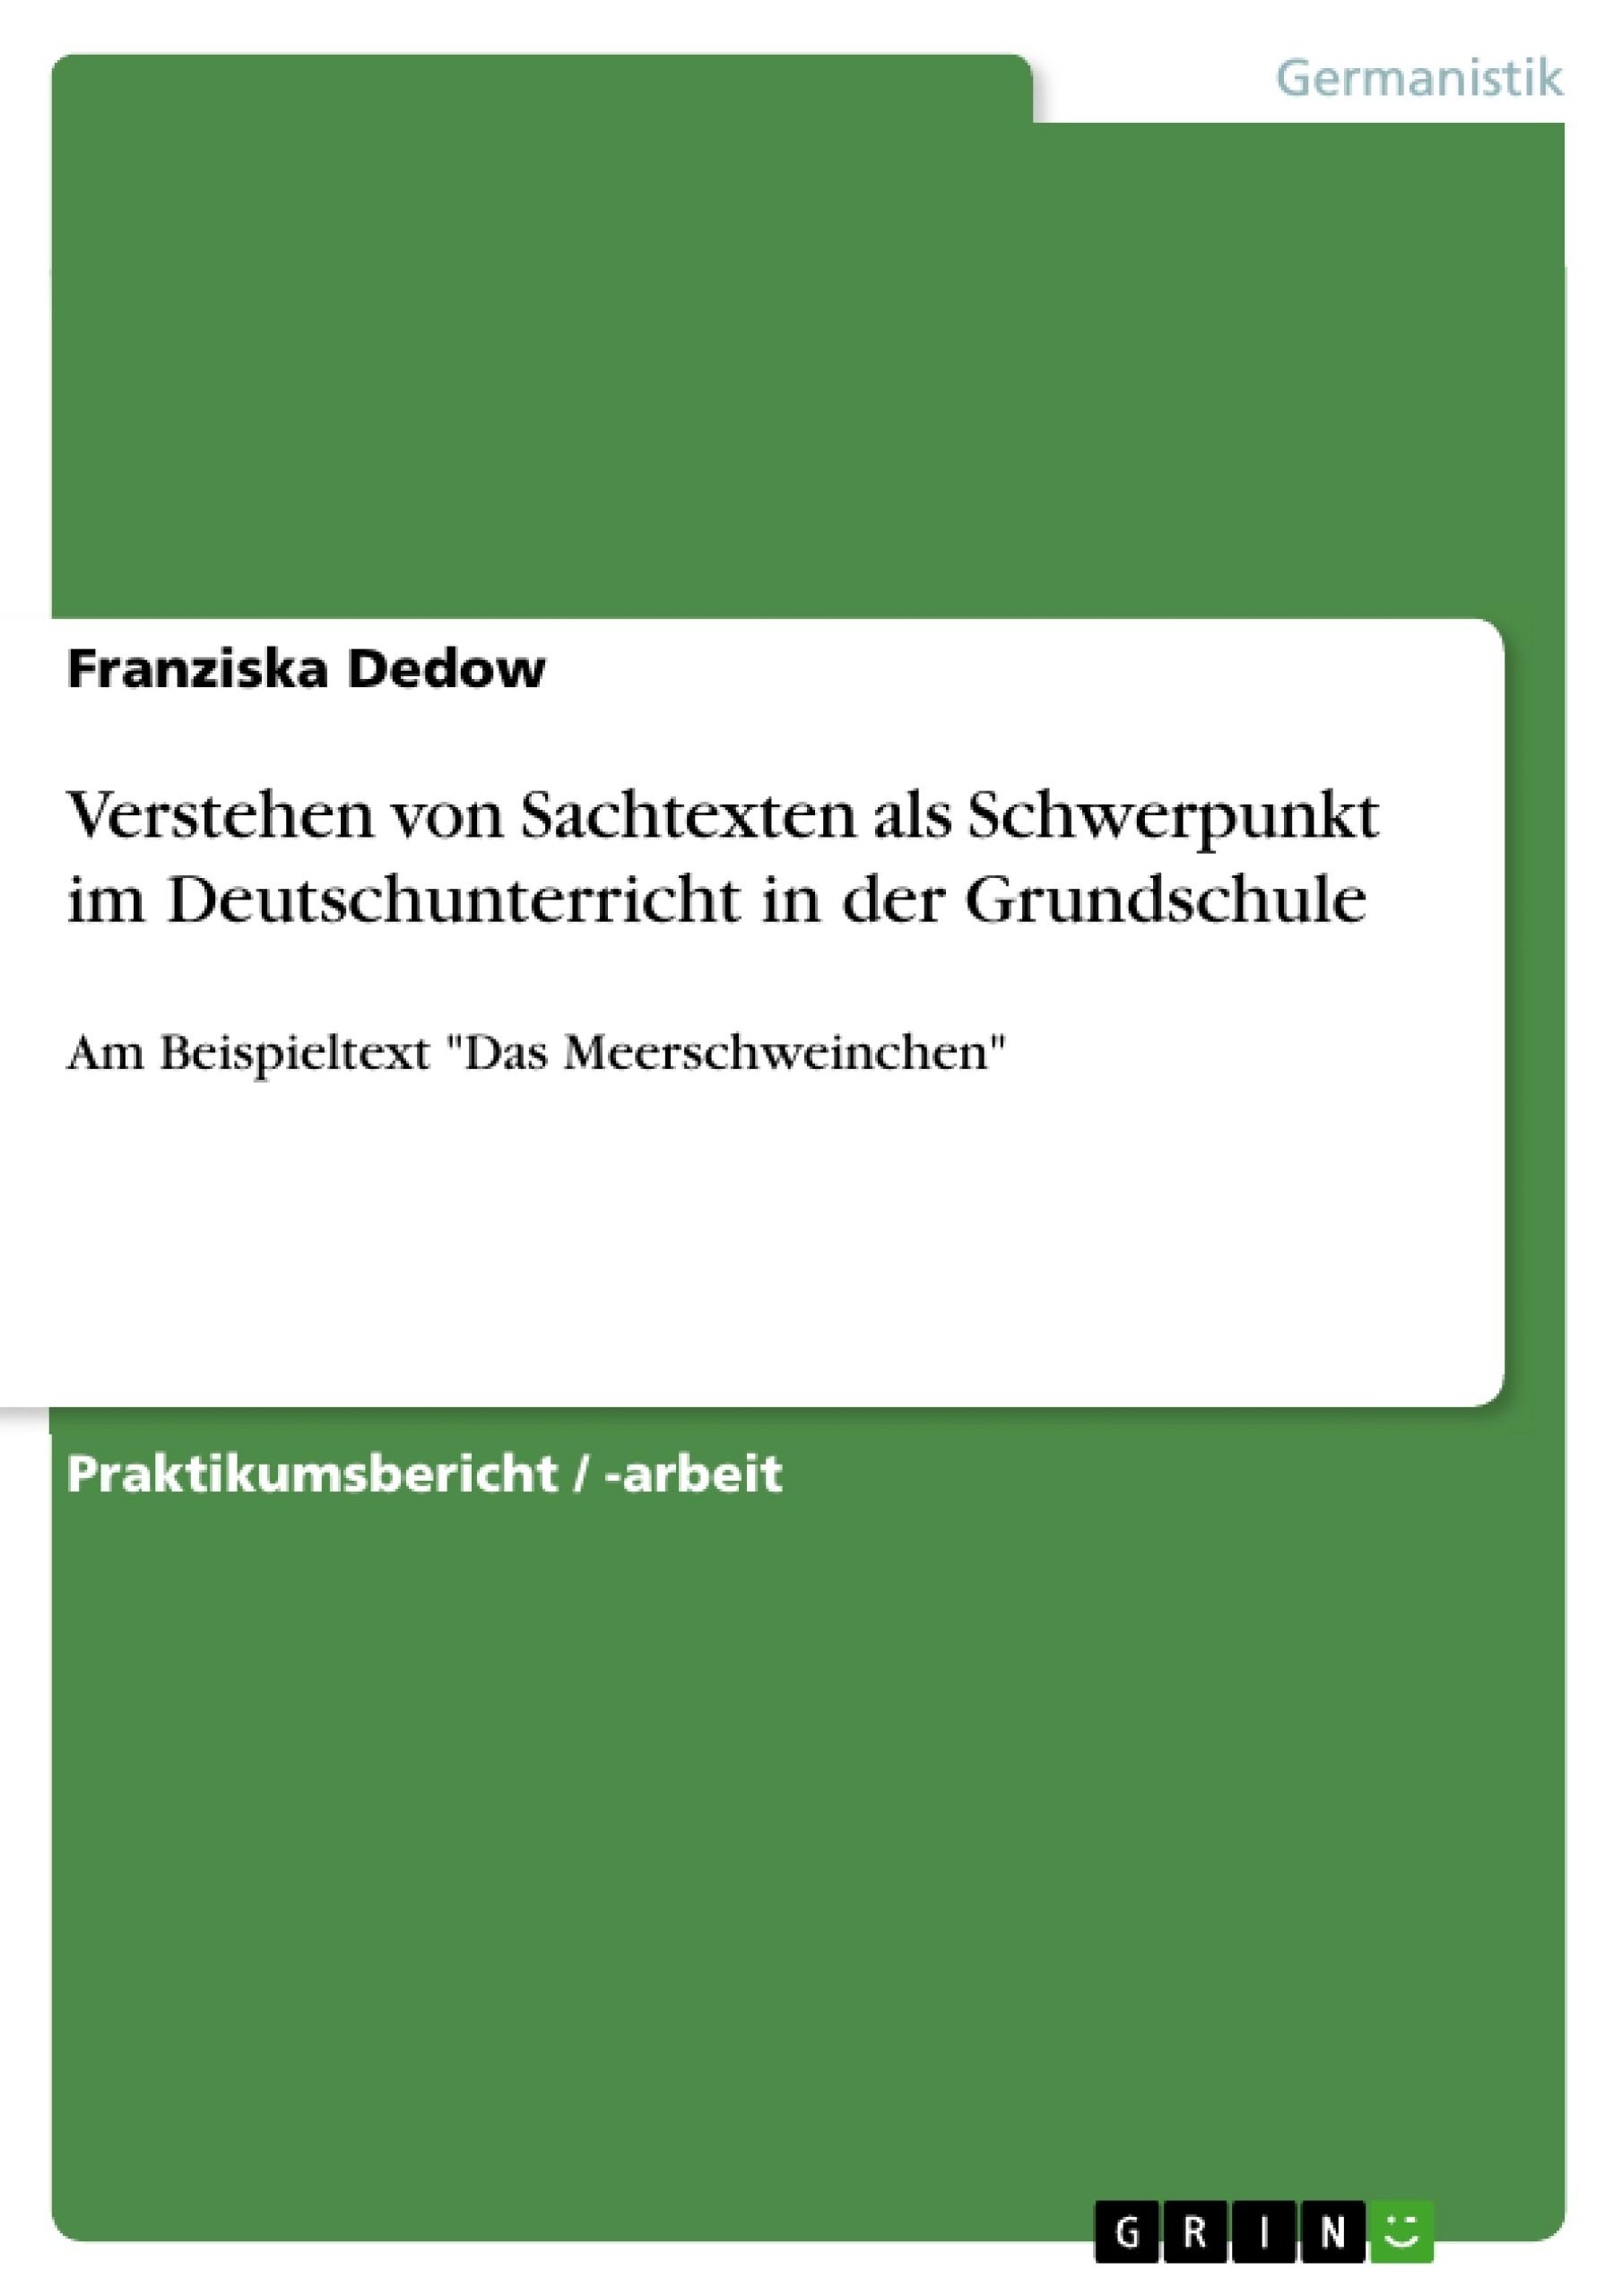 Titel: Verstehen von Sachtexten als Schwerpunkt im Deutschunterricht in der Grundschule